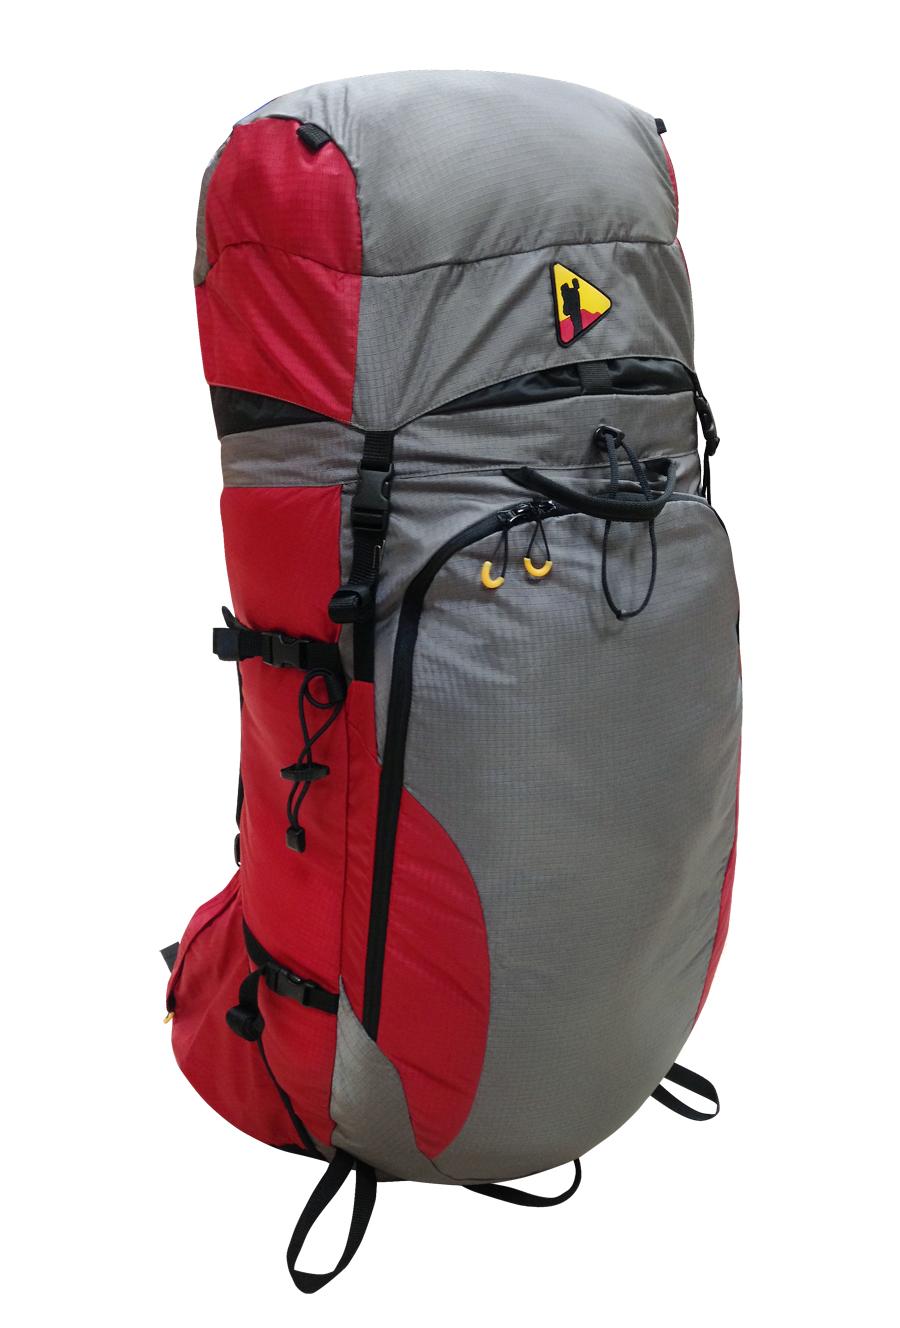 Рюкзак BASK BERG 80 4053Практичный рюкзак объёмом 80 л. Предусмотрен специальный вход на молнии со стороны спины для быстрого доступа.<br><br>Анатомическая конструкция спины и ремней: Да<br>Вентиляция спины: Да<br>Вес граммы: 2020<br>Внутренние карманы: Нет<br>Внутренняя перегородка: Нет<br>Возможность крепления сноуборда/скейтборда/лыж: Да<br>Грудной фиксатор: Да<br>Карман для средств связи: Нет<br>Карманы на поясе: Да<br>Клапан: Съемный<br>Накидка от дождя: Нет<br>Наружная навеска: Да<br>Наружные карманы: Да<br>Нижний вход: Нет<br>Объем л.: 80<br>Пол: унисекс<br>Регулировка объема: Да<br>Регулировка угла наклона пояса: Нет<br>Светоотражающий кант: Нет<br>Система подвески: система нижней подвески плечевых ремней «Актив»<br>Ткань: 100D Robic® Triple Rip 2000 мм Н2О UTS<br>Усиление: Cordura® 1000<br>Усиление дна: Да<br>Фурнитура: Duraflex®, YKK®<br>Размер INT: M<br>Цвет: КРАСНЫЙ